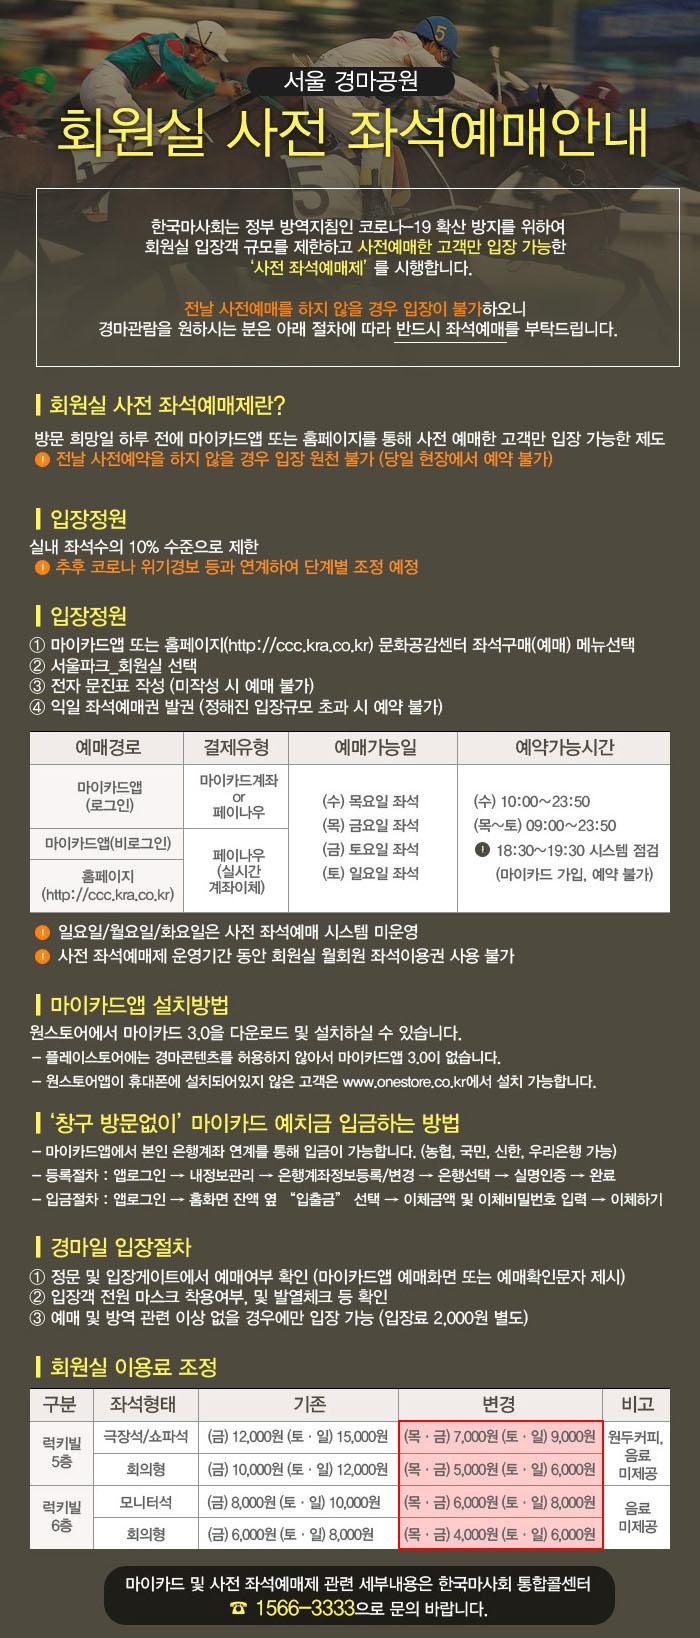 서울경마장 예매안내 마사회 인원제한 경마장 부분 입장 연기! 마이카드앱 예약방법